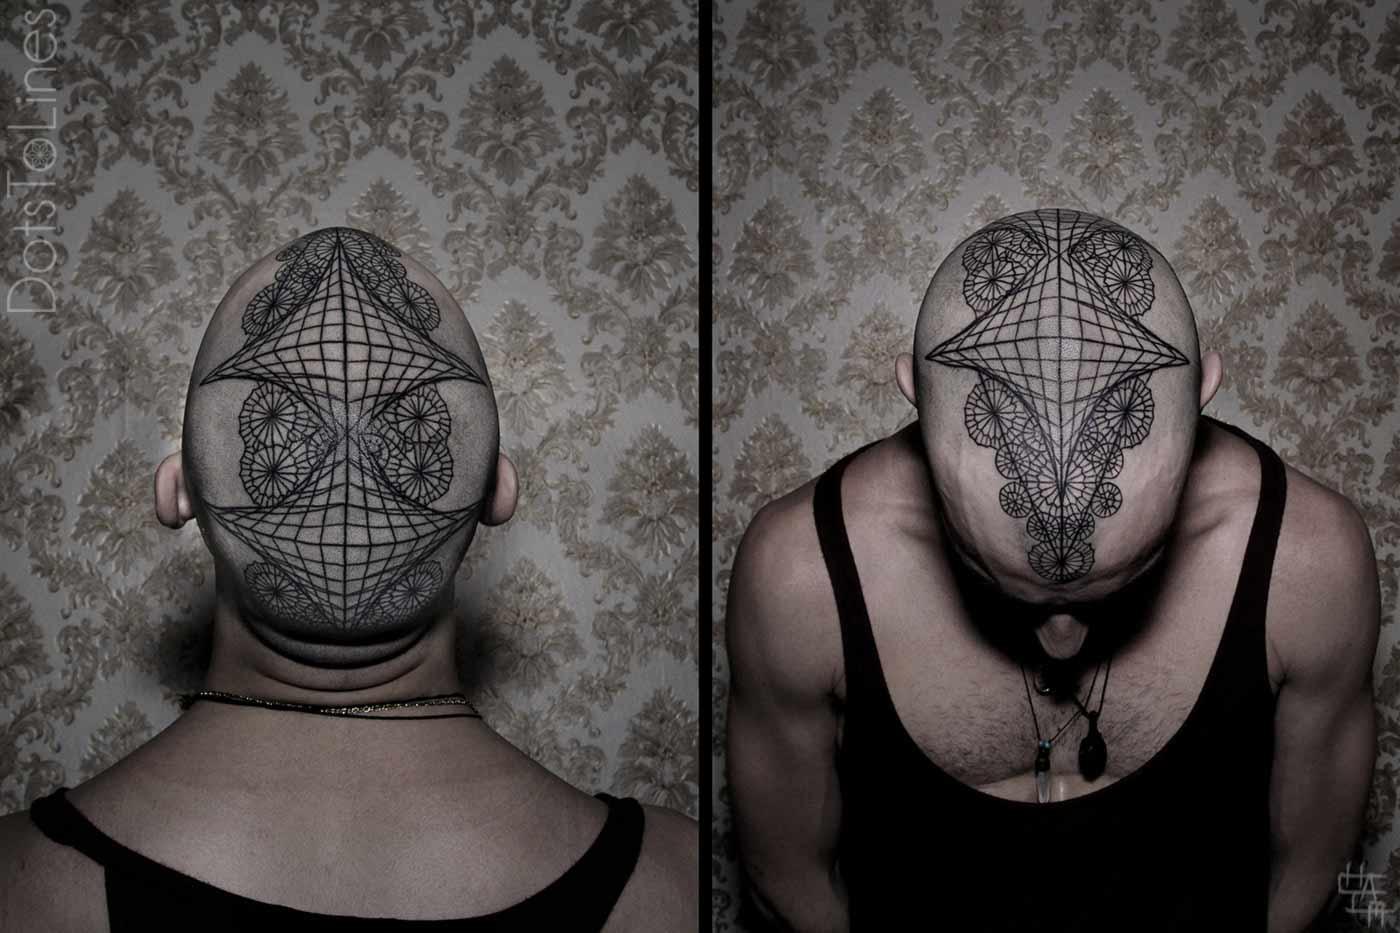 tattoos-by-chaim-machlev.jpg